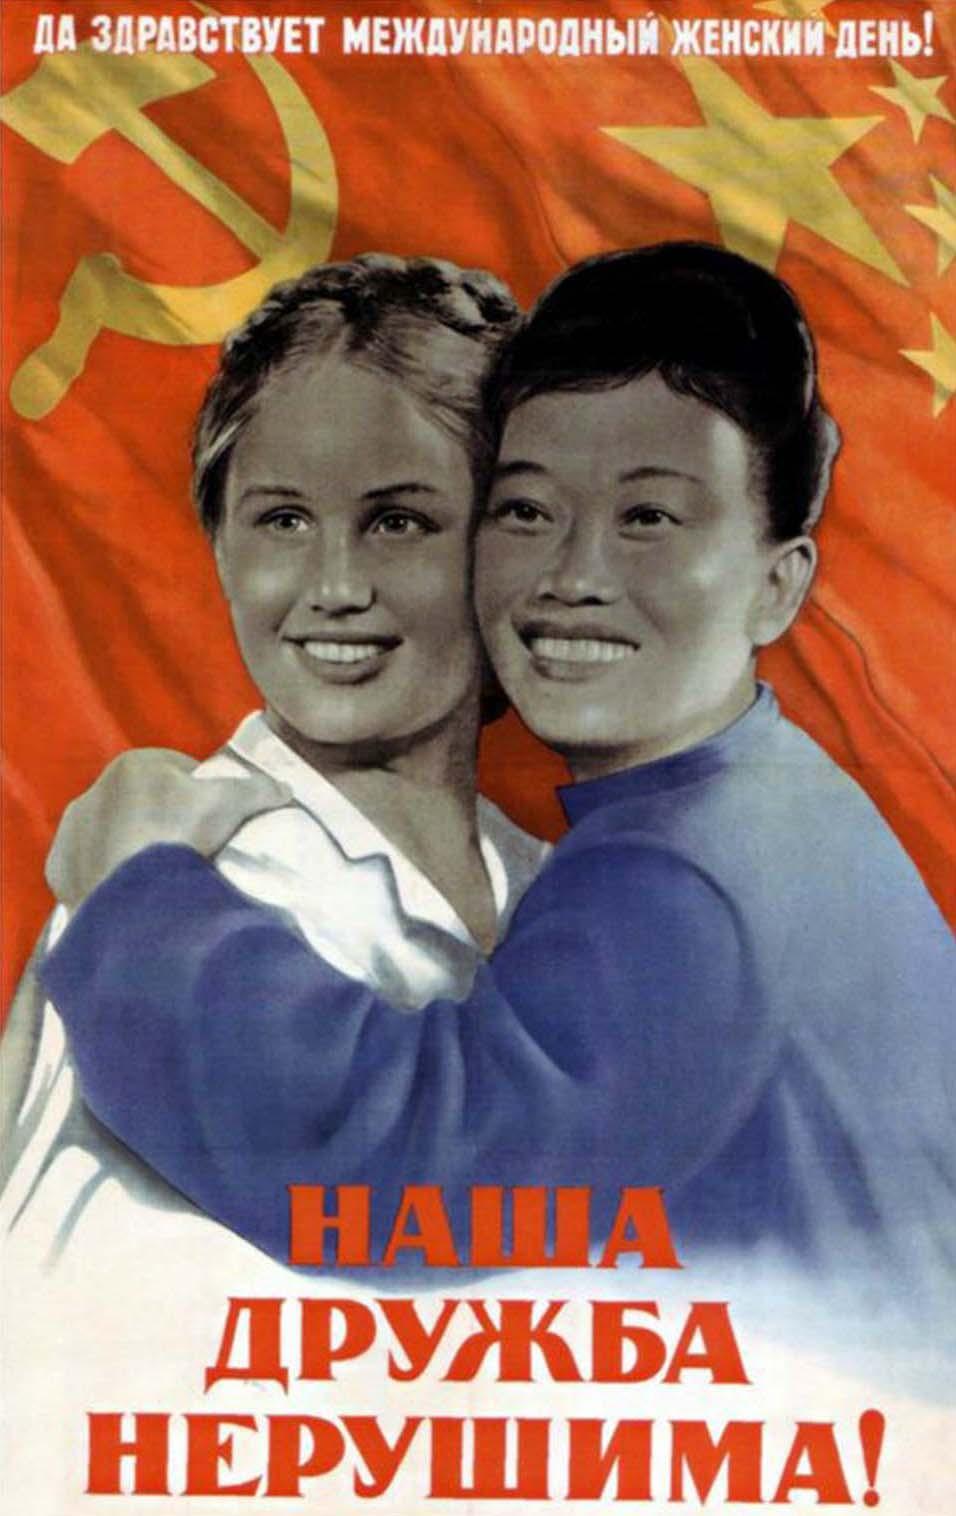 chinese-soviet-propaganda-posters (122).jpg